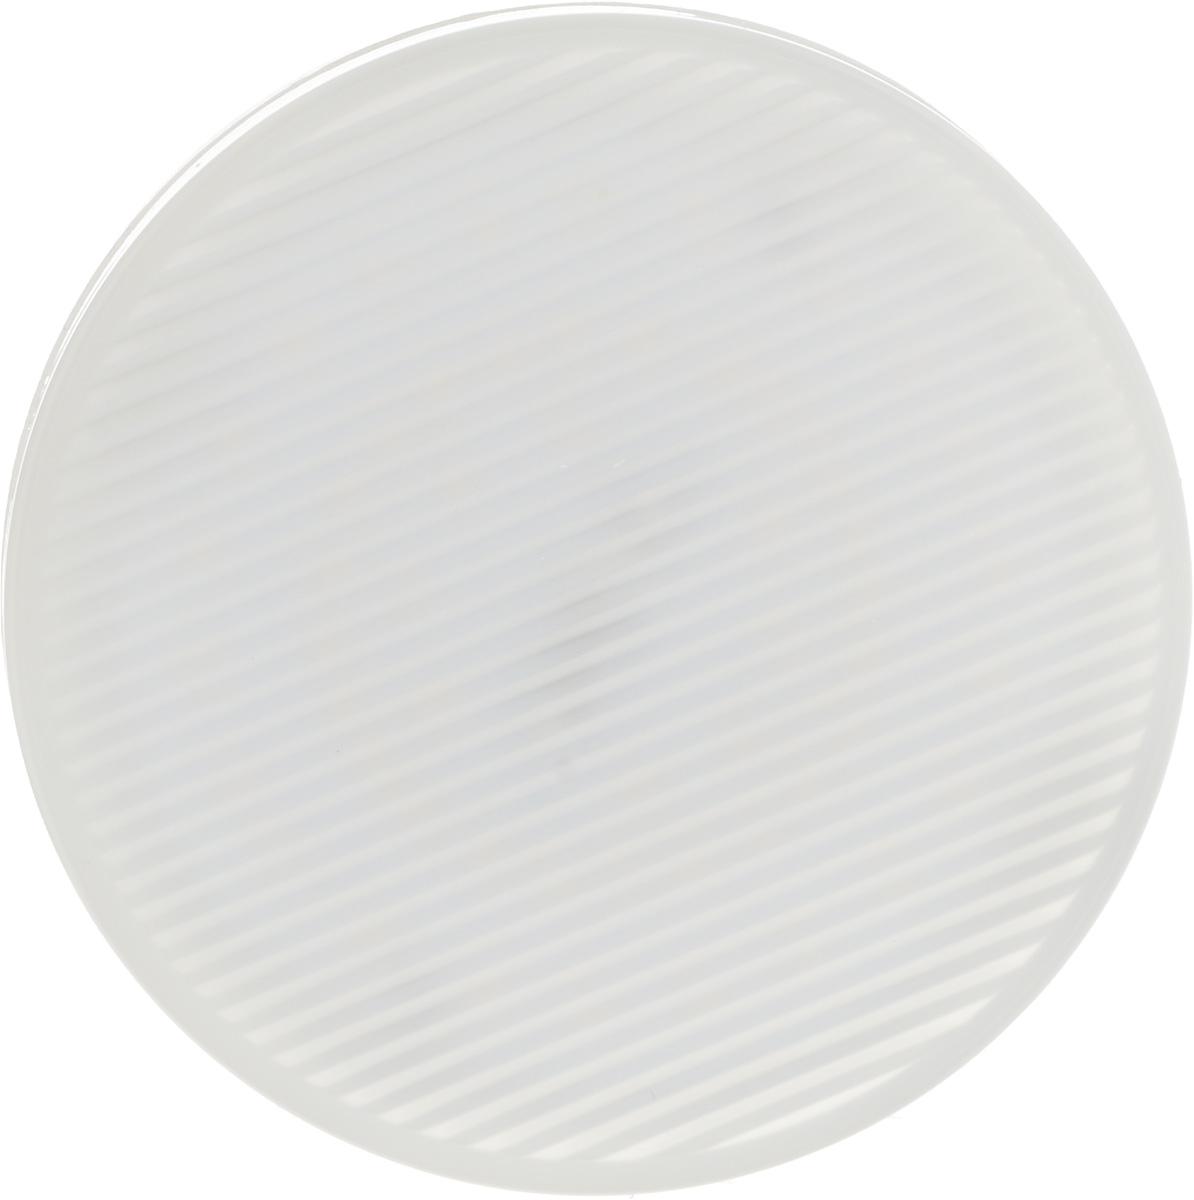 Лампа светодиодная Philips Essential LED, цоколь GX53, 5,5W, 4000KЛампа Essential LED 6-50Вт 4000К GX53Современные светодиодные лампы Essential LED экономичны, имеют долгий срок службы и мгновенно загораются, заполняя комнатусветом. Лампа классической формы и высокой яркости позволяет создать уютную и приятную обстановку в любой комнате вашего дома. Светодиодные лампы потребляют на 86 % меньше электроэнергии, чем обычные лампы накаливания, излучая при этом привычный и приятный свет. Срок службы светодиодной лампы Essential LED составляет до 15 000 часов, что соответствует общему сроку службыпятнадцати ламп накаливания. Благодаря чему менять лампы приходится значительно реже, чтосокращает количество отходов. Напряжение: 220-240 В.Световой поток: 560 lm. Эквивалент мощности в ваттах: 40 Вт.